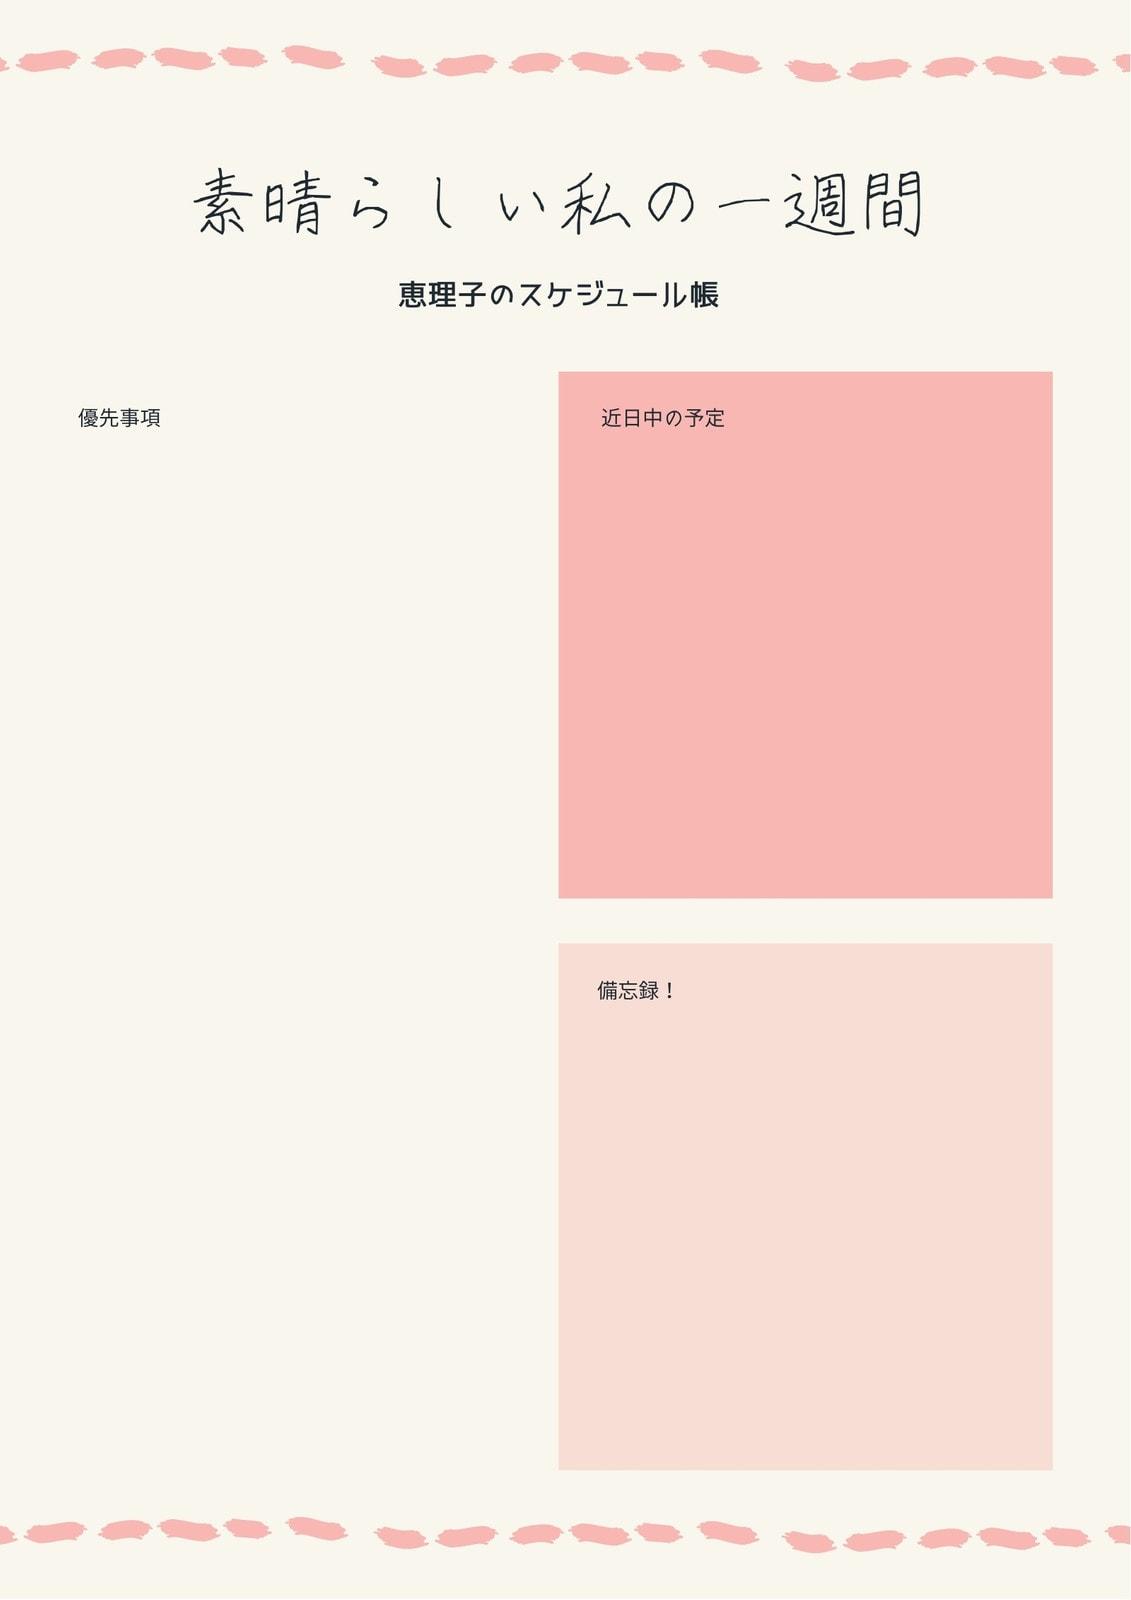 ピンク モダン ウィークリー計画表